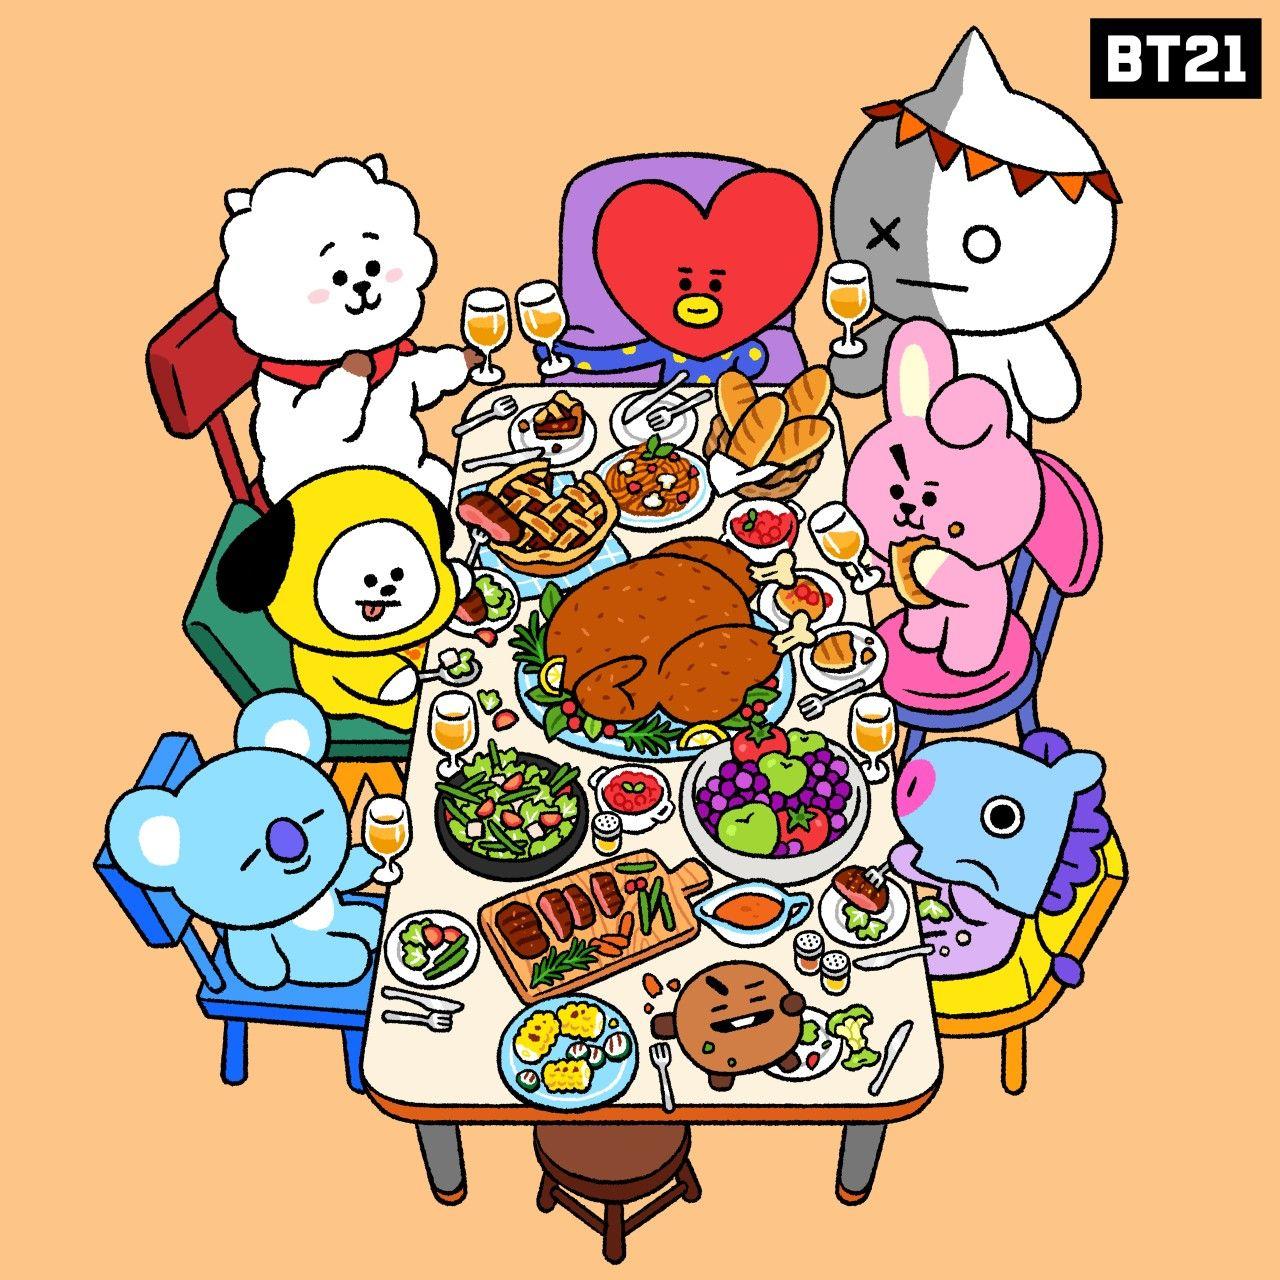 Bt21 On Twitter Bts Wallpaper Bts Fanart Thanksgiving Wallpaper